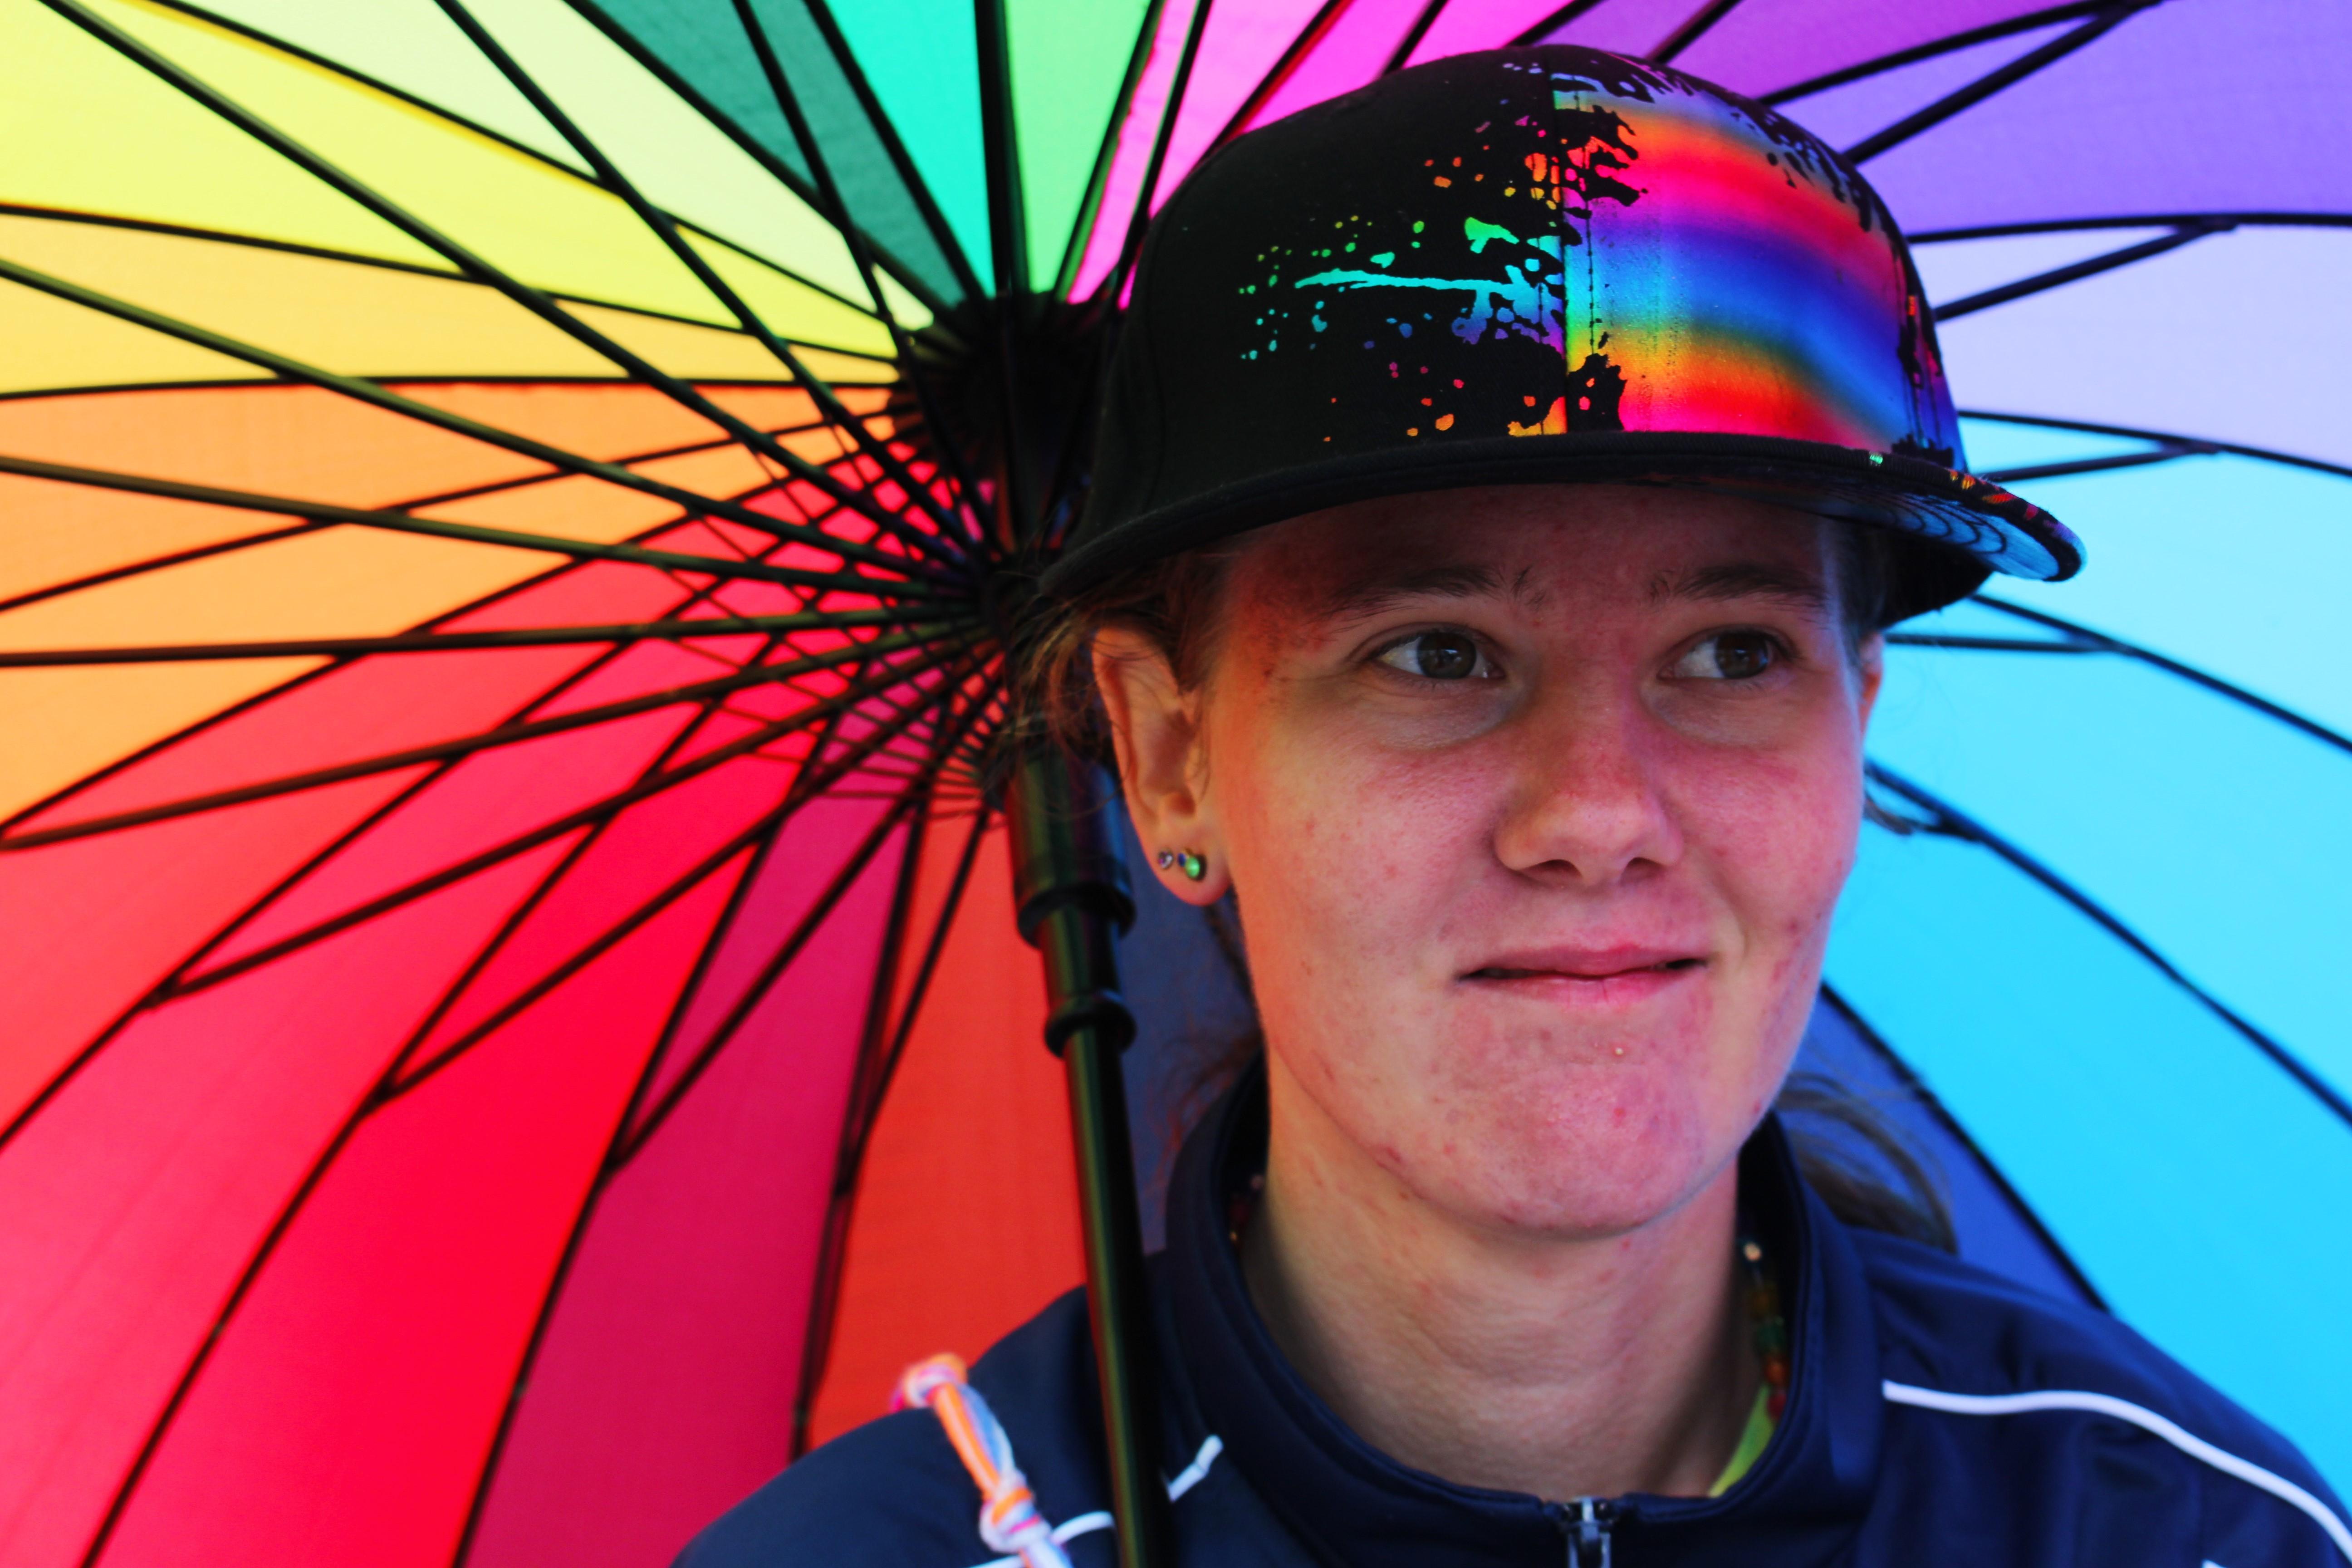 Sara med sitt fina Prideparaply